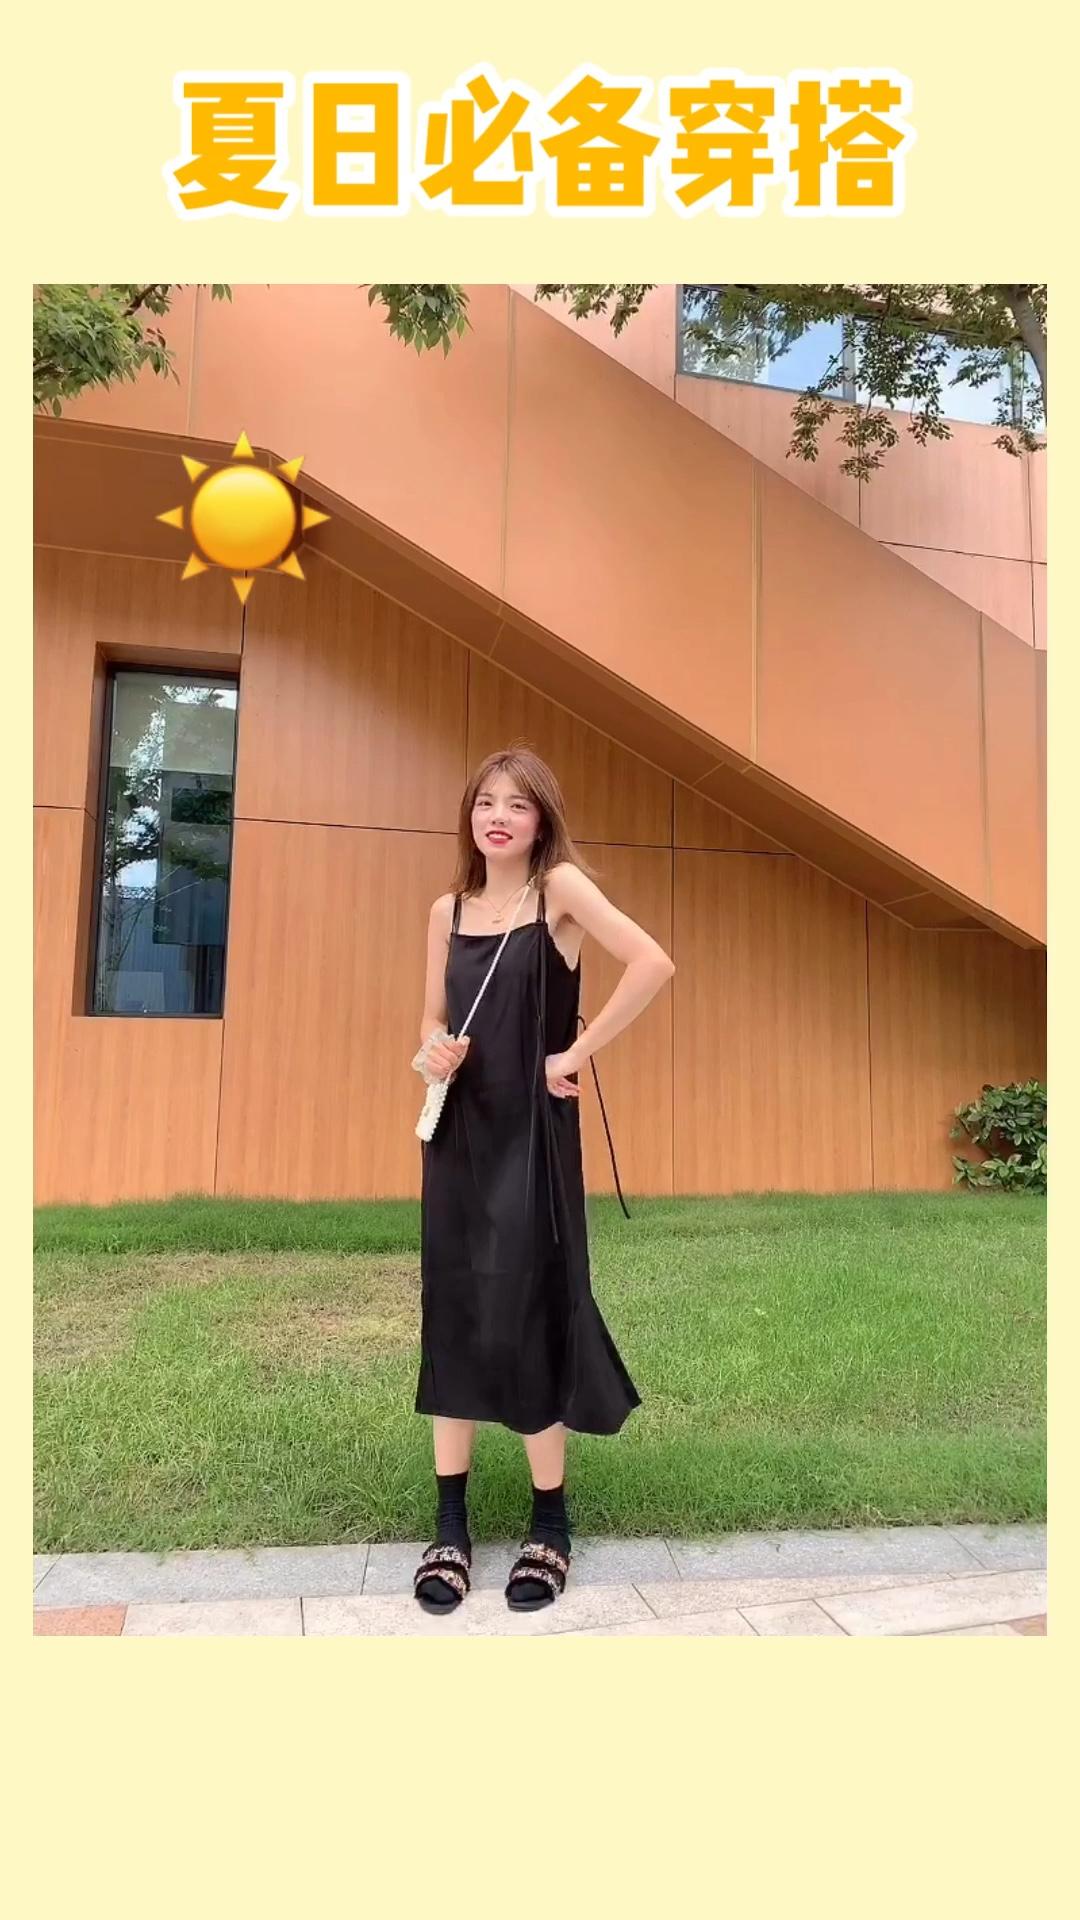 #夏日简约风,高级又消暑# 夏天必备的小黑裙,吊带开叉的款式很特别,两边还有带子可以系蝴蝶结,可以收腰显腰身,面料垂感特别好,真的很喜欢这件啦!!